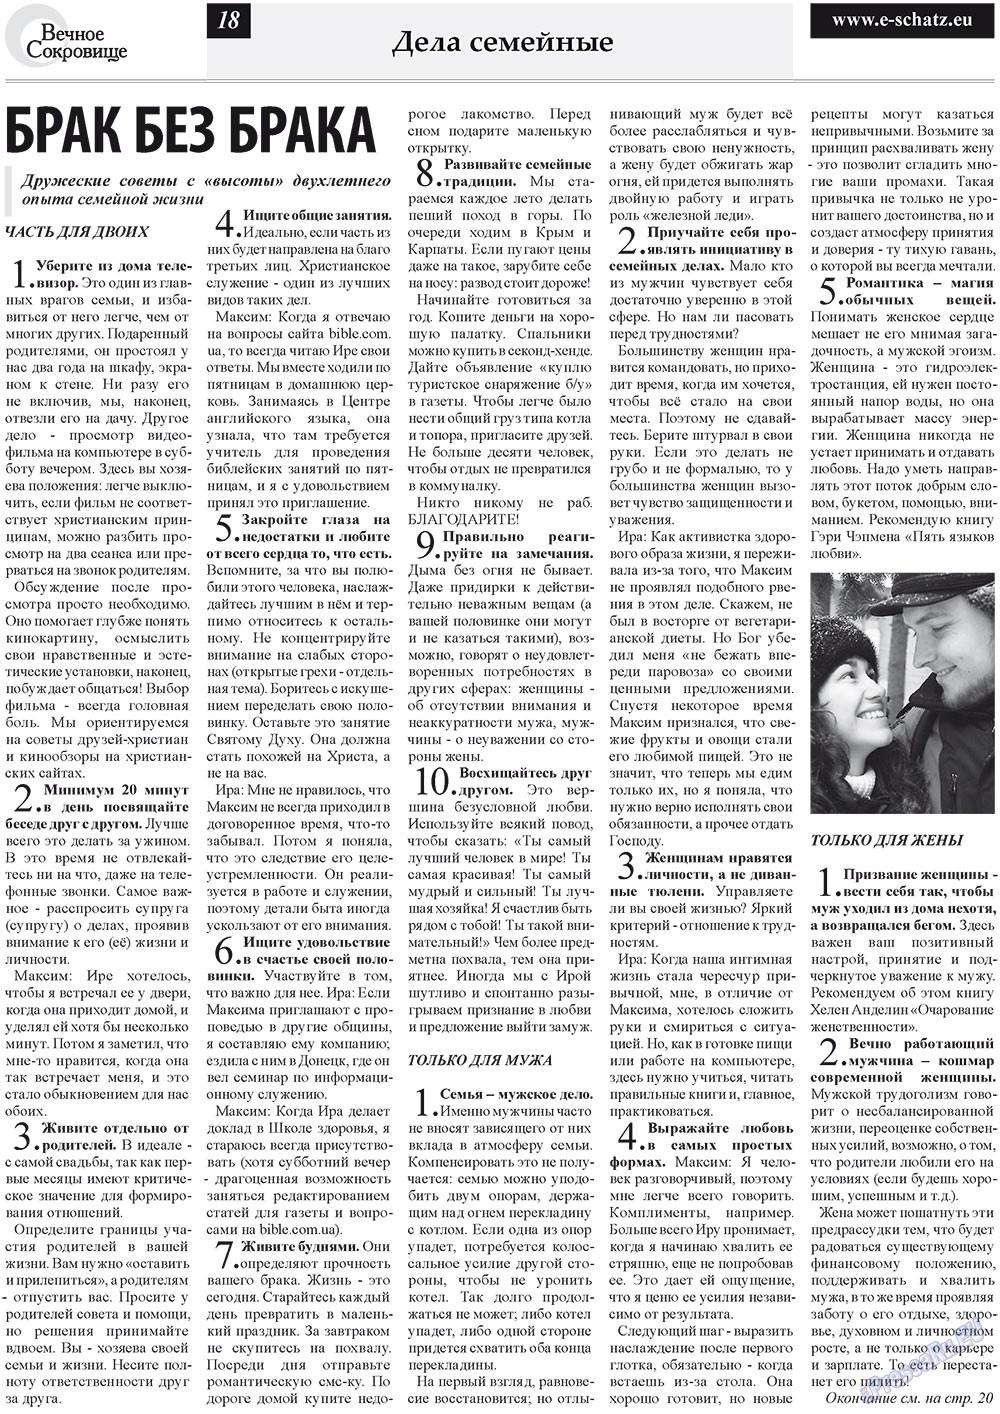 Вечное сокровище (газета). 2010 год, номер 4, стр. 18